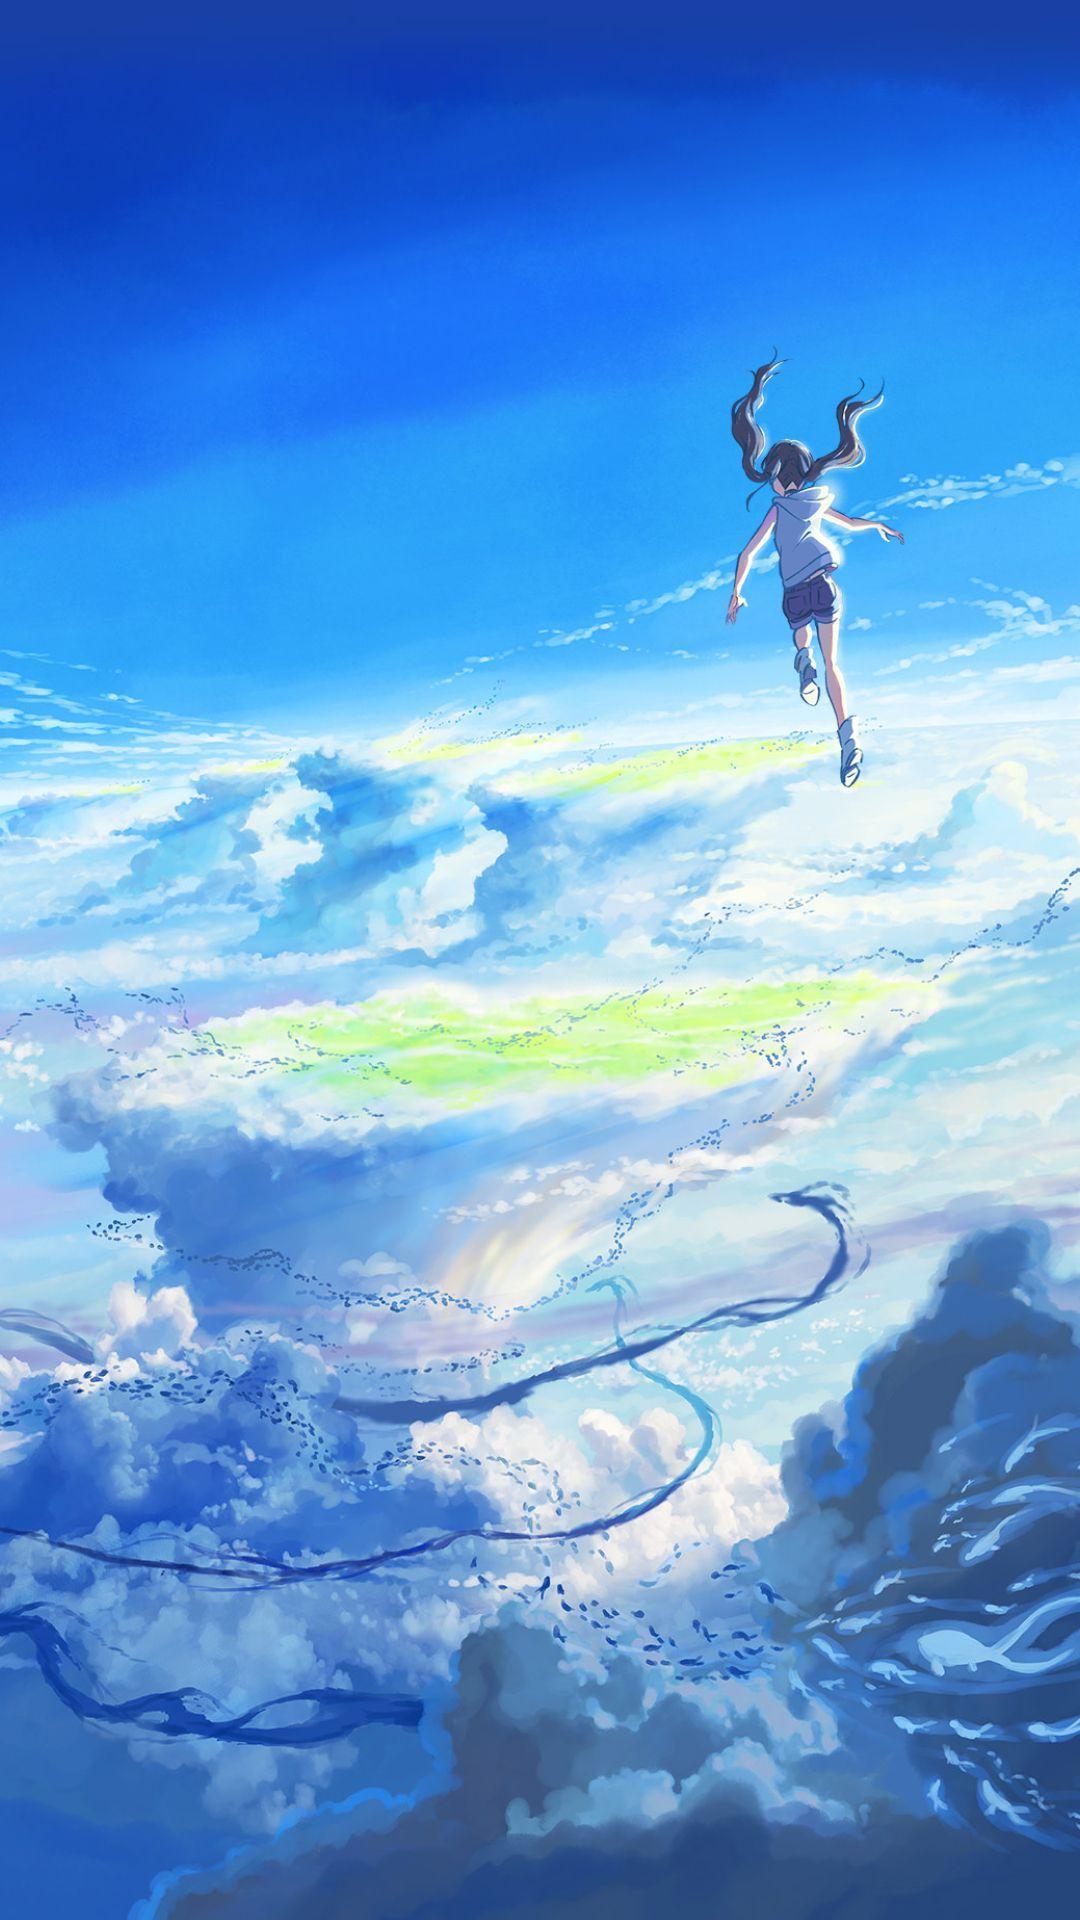 天気の子iphone壁紙 Androidスマホ用画像 アニメの風景 風景 Iphone 壁紙 アニメ